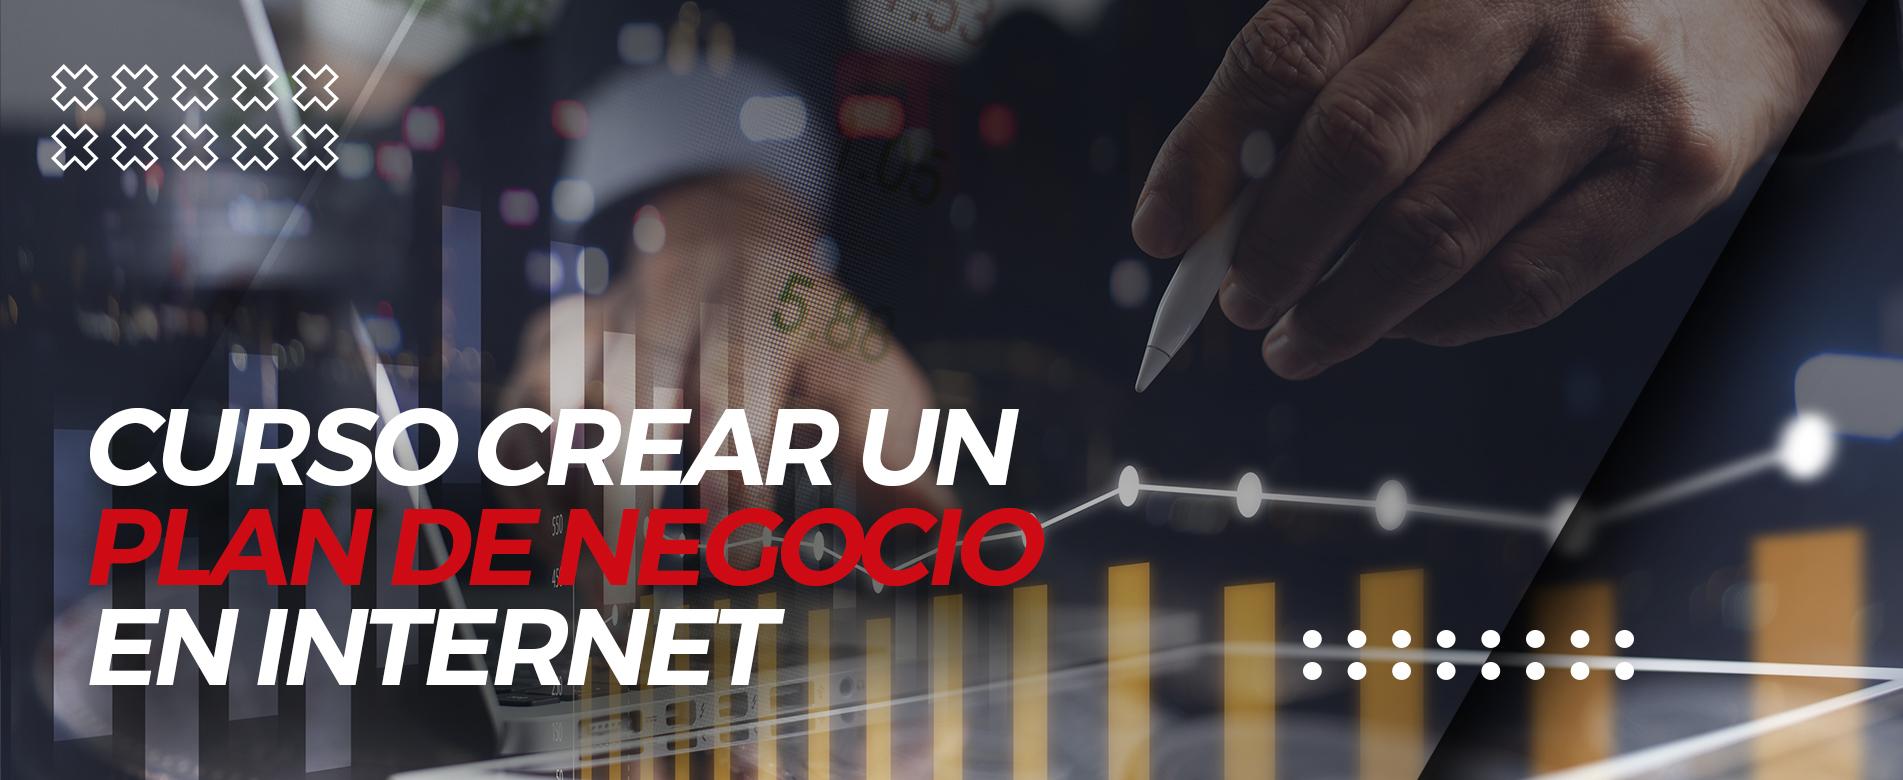 Curso Crear un Plan de Negocio en Internet